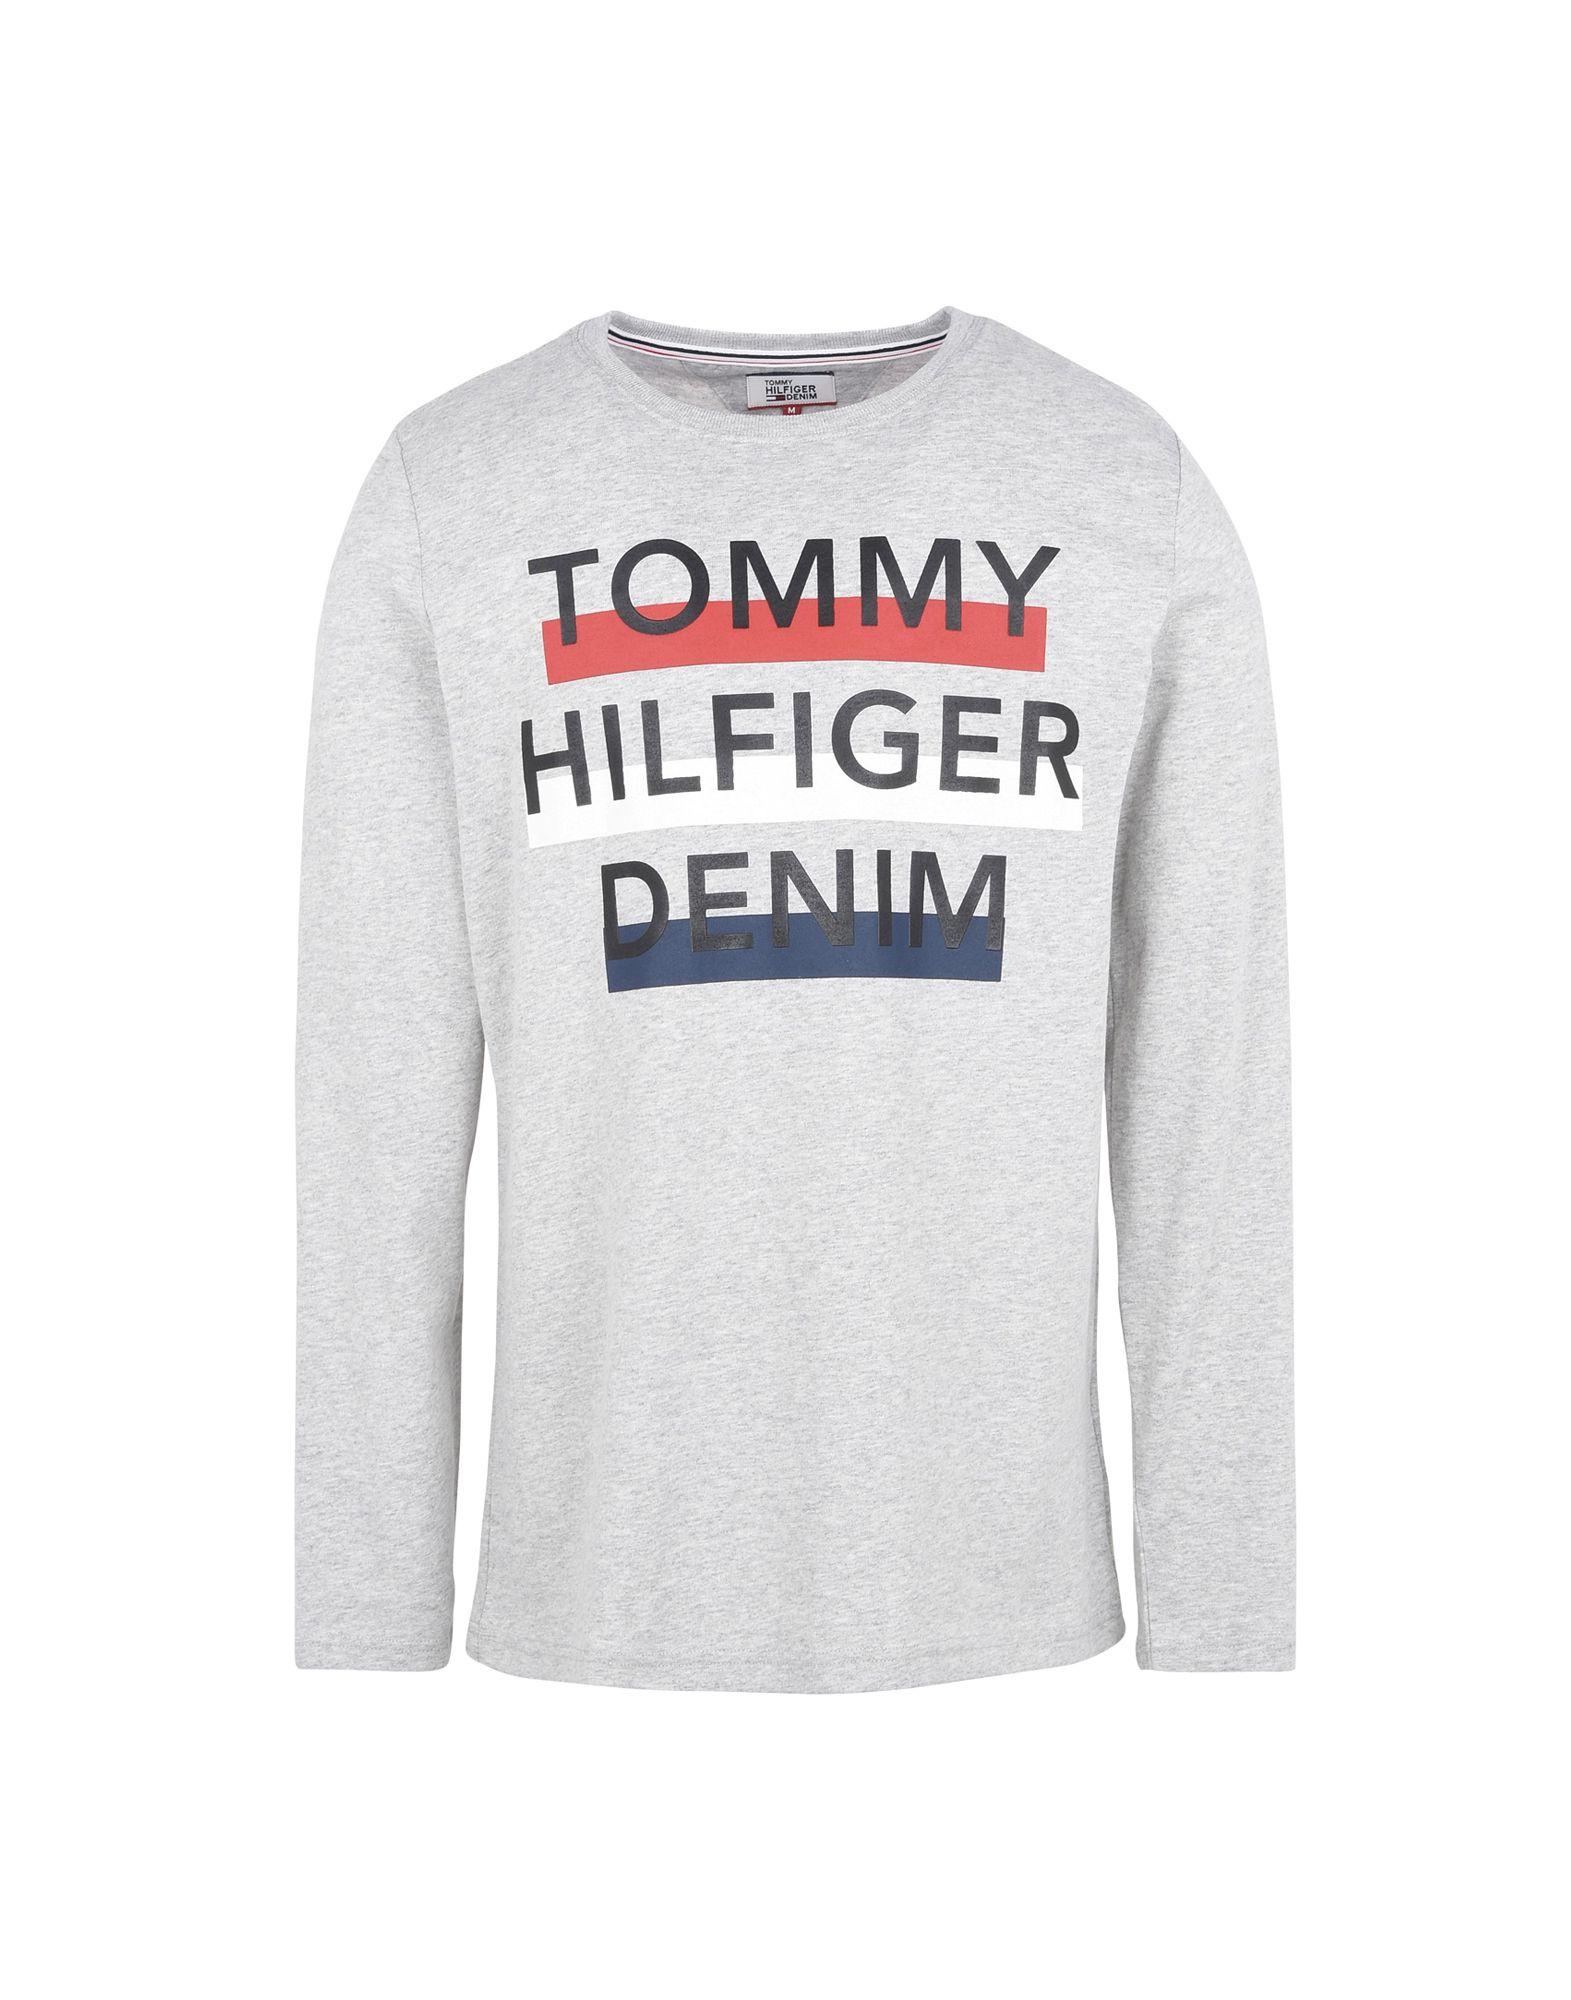 TOMMY HILFIGER DENIM Футболка футболка tommy hilfiger denim tommy hilfiger denim to013emtoy48